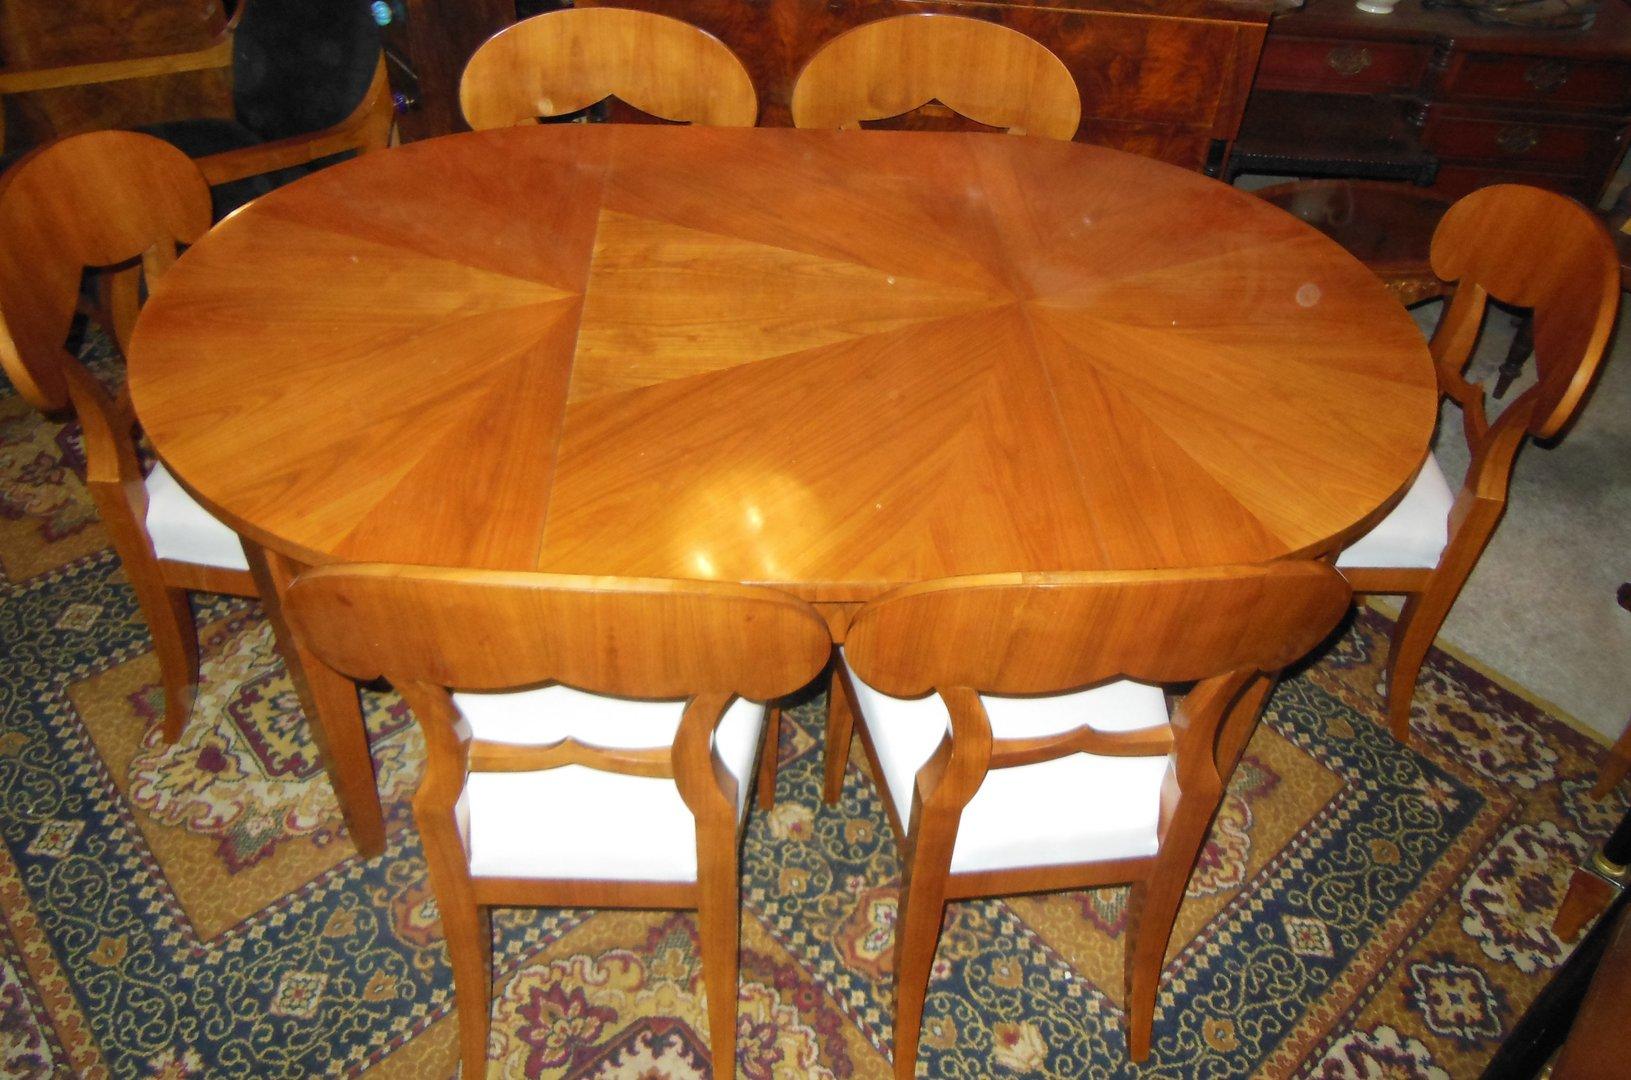 Antike möbel tische und stühle  BIEDERMEIER Tische u. Stühle - Antik Möbel Antiquitäten Alling bei ...